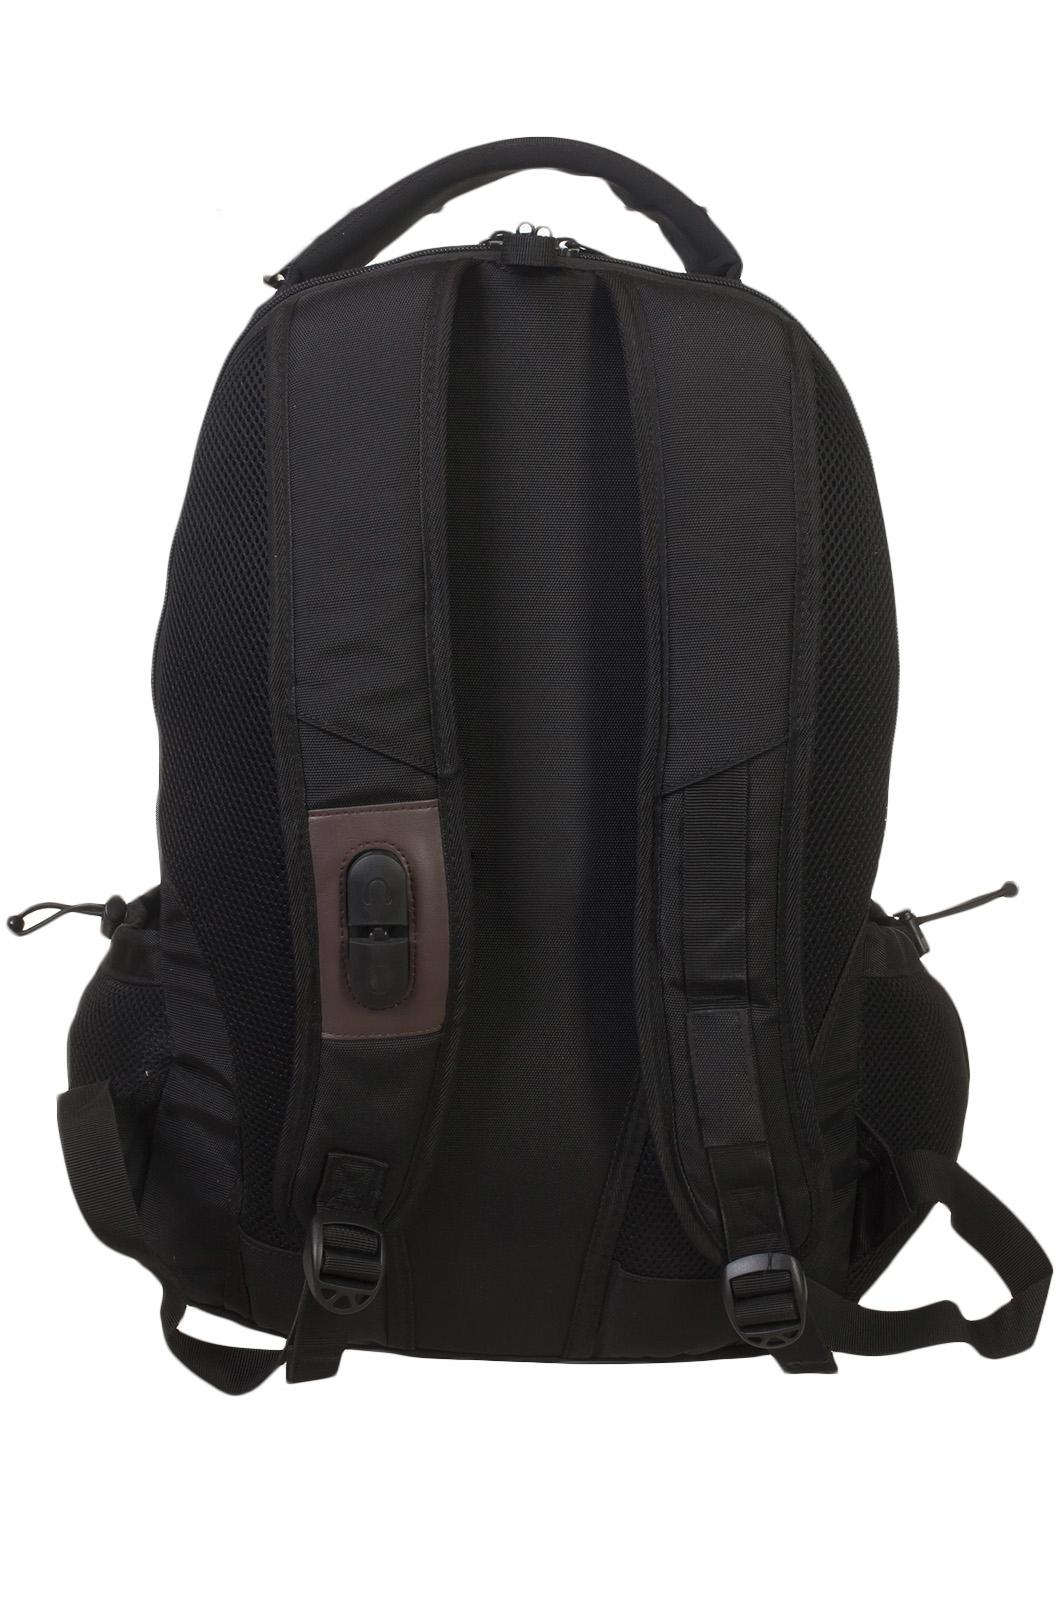 Крутой надежный рюкзак с нашивкой Пиратский флаг - купить оптом